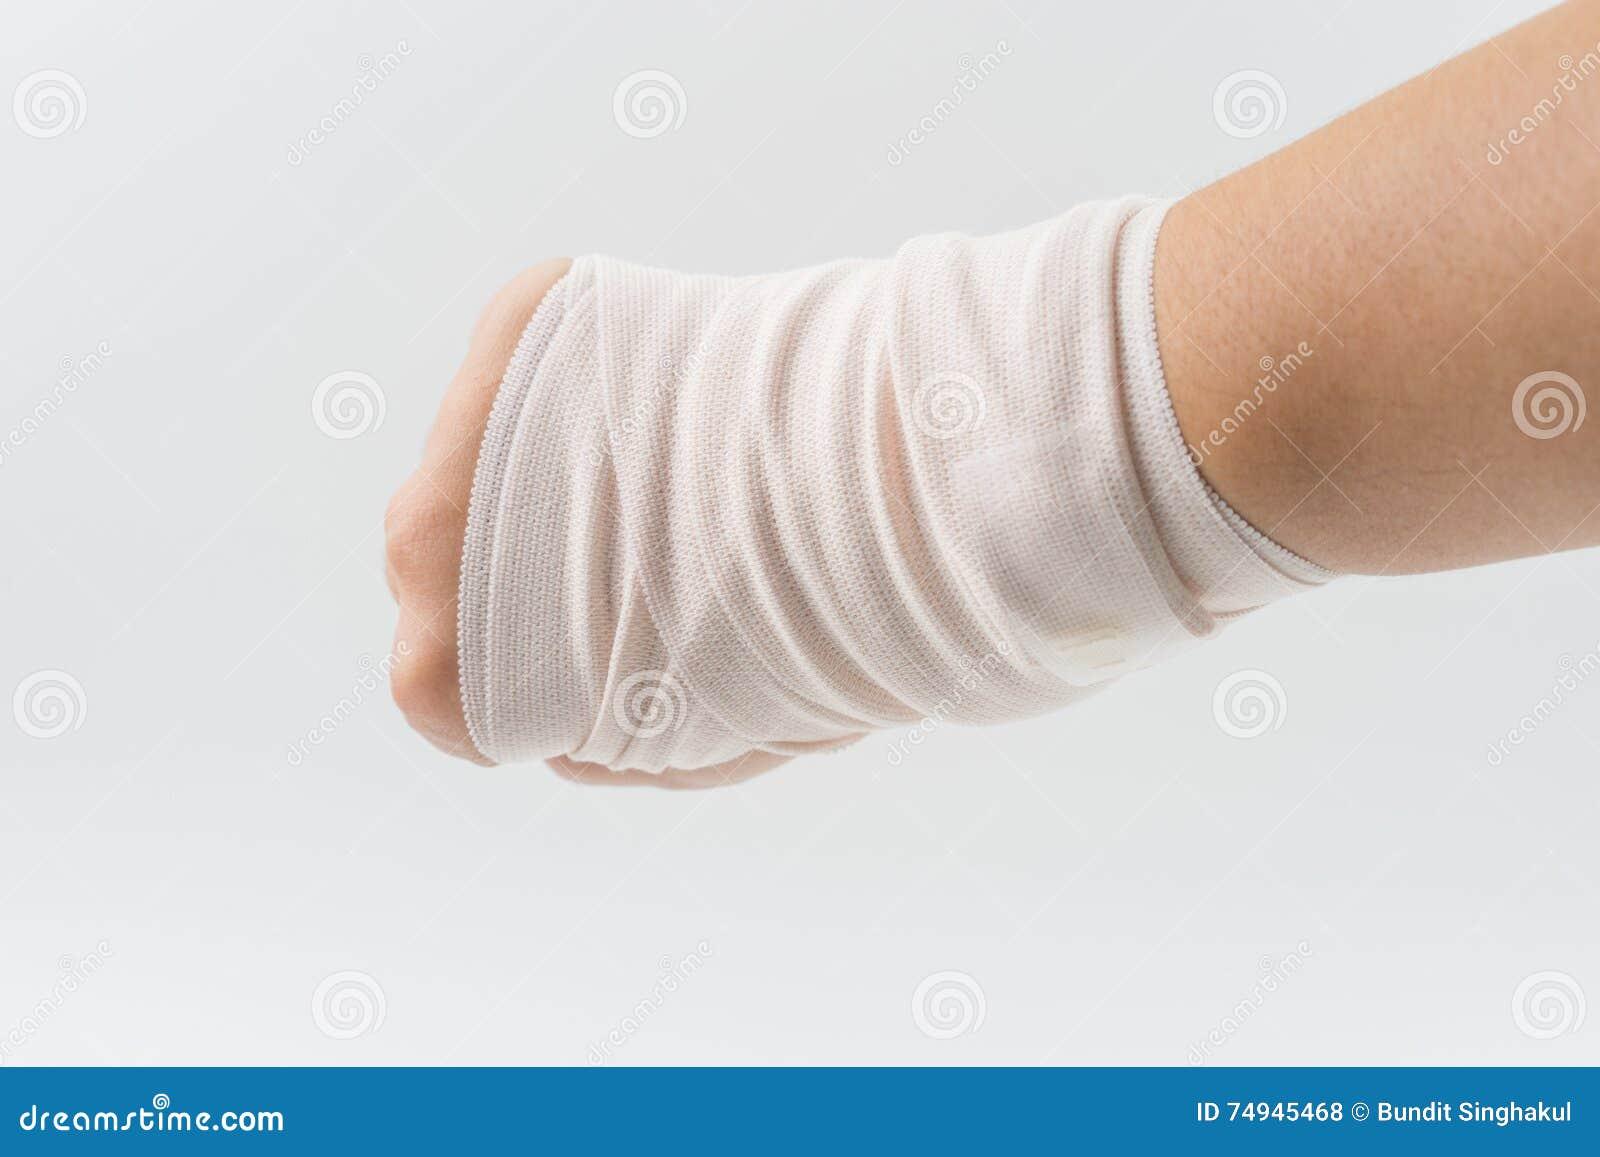 Handknochen Gebrochen Vom Unfall Mit Armschiene Stockfoto - Bild von ...